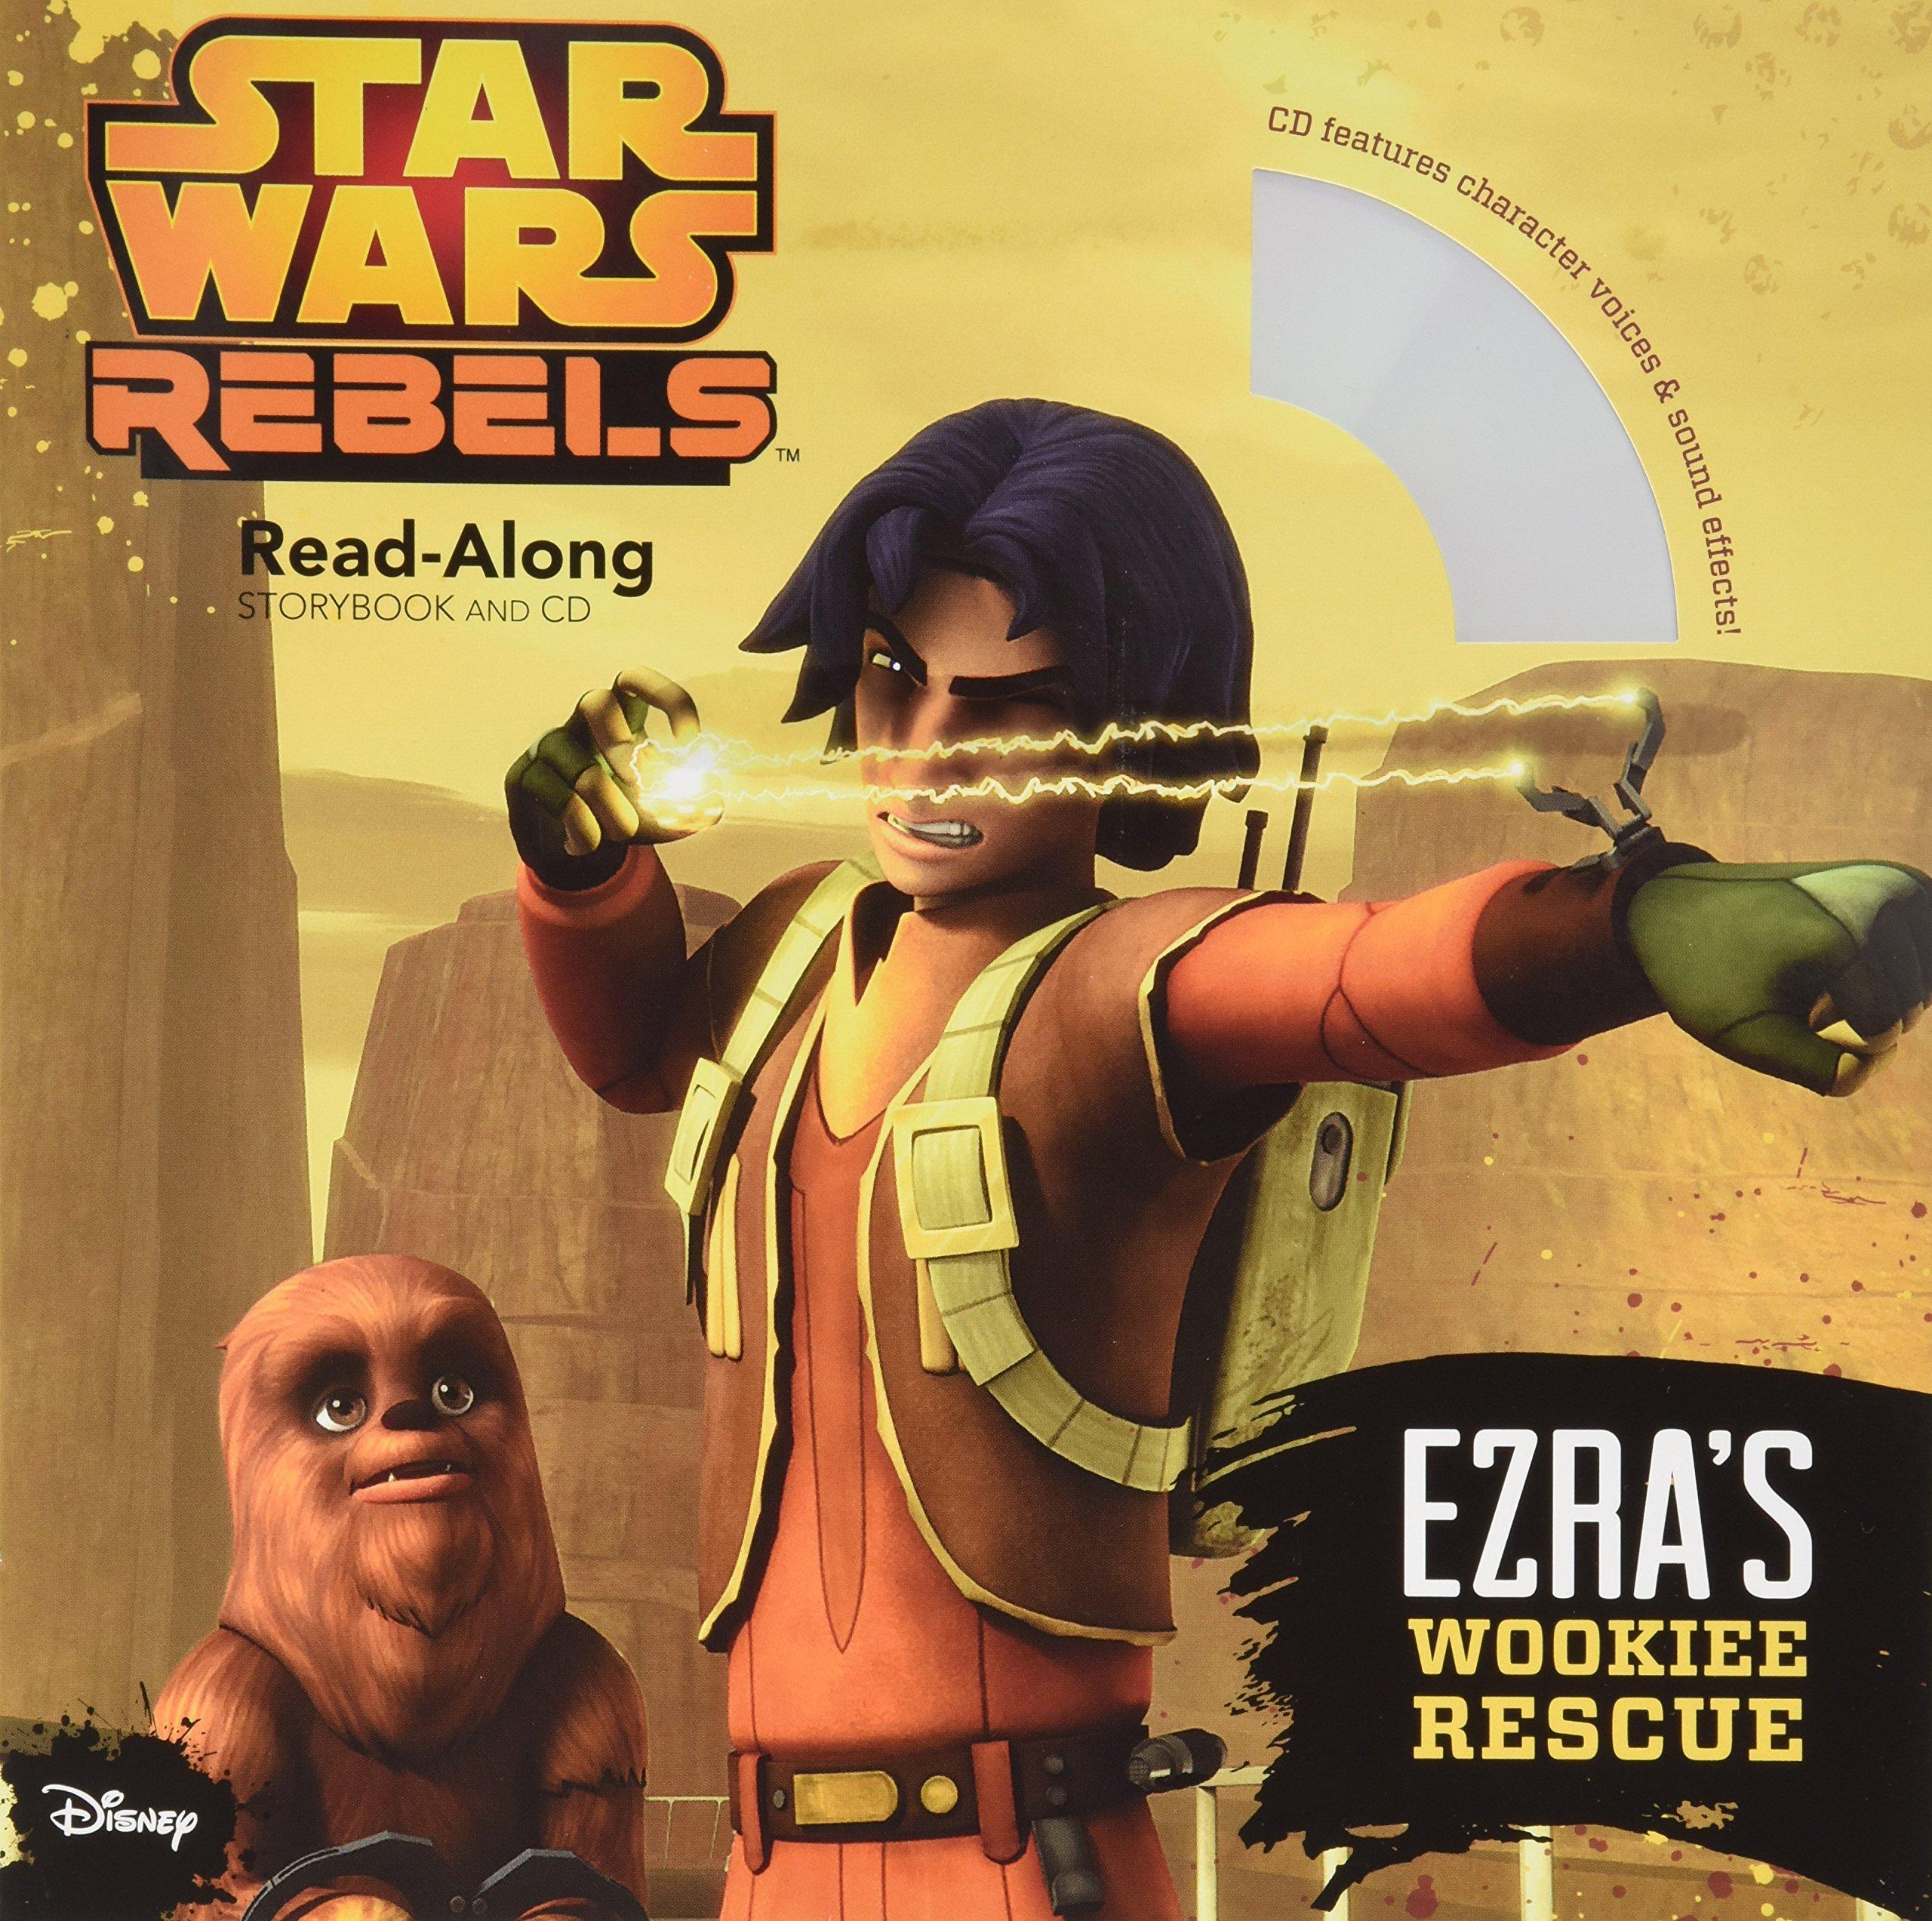 Star Wars Rebels: Ezra's Wookiee Rescue